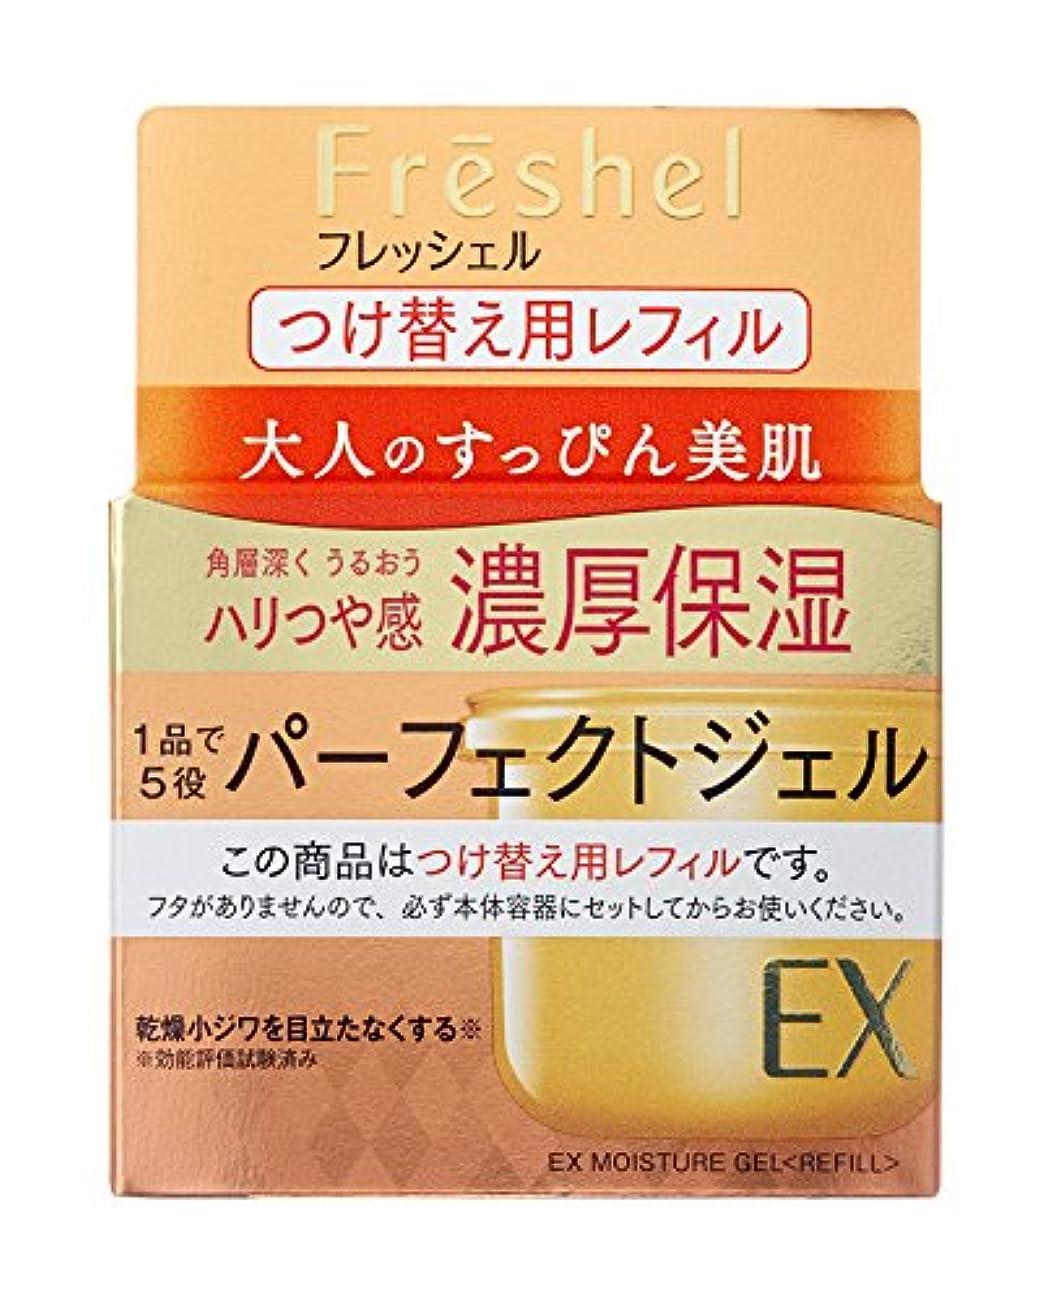 イデオロギー噛む麦芽フレッシェル クリーム アクアモイスチャージェル EX 濃厚保湿 N<R> 80g